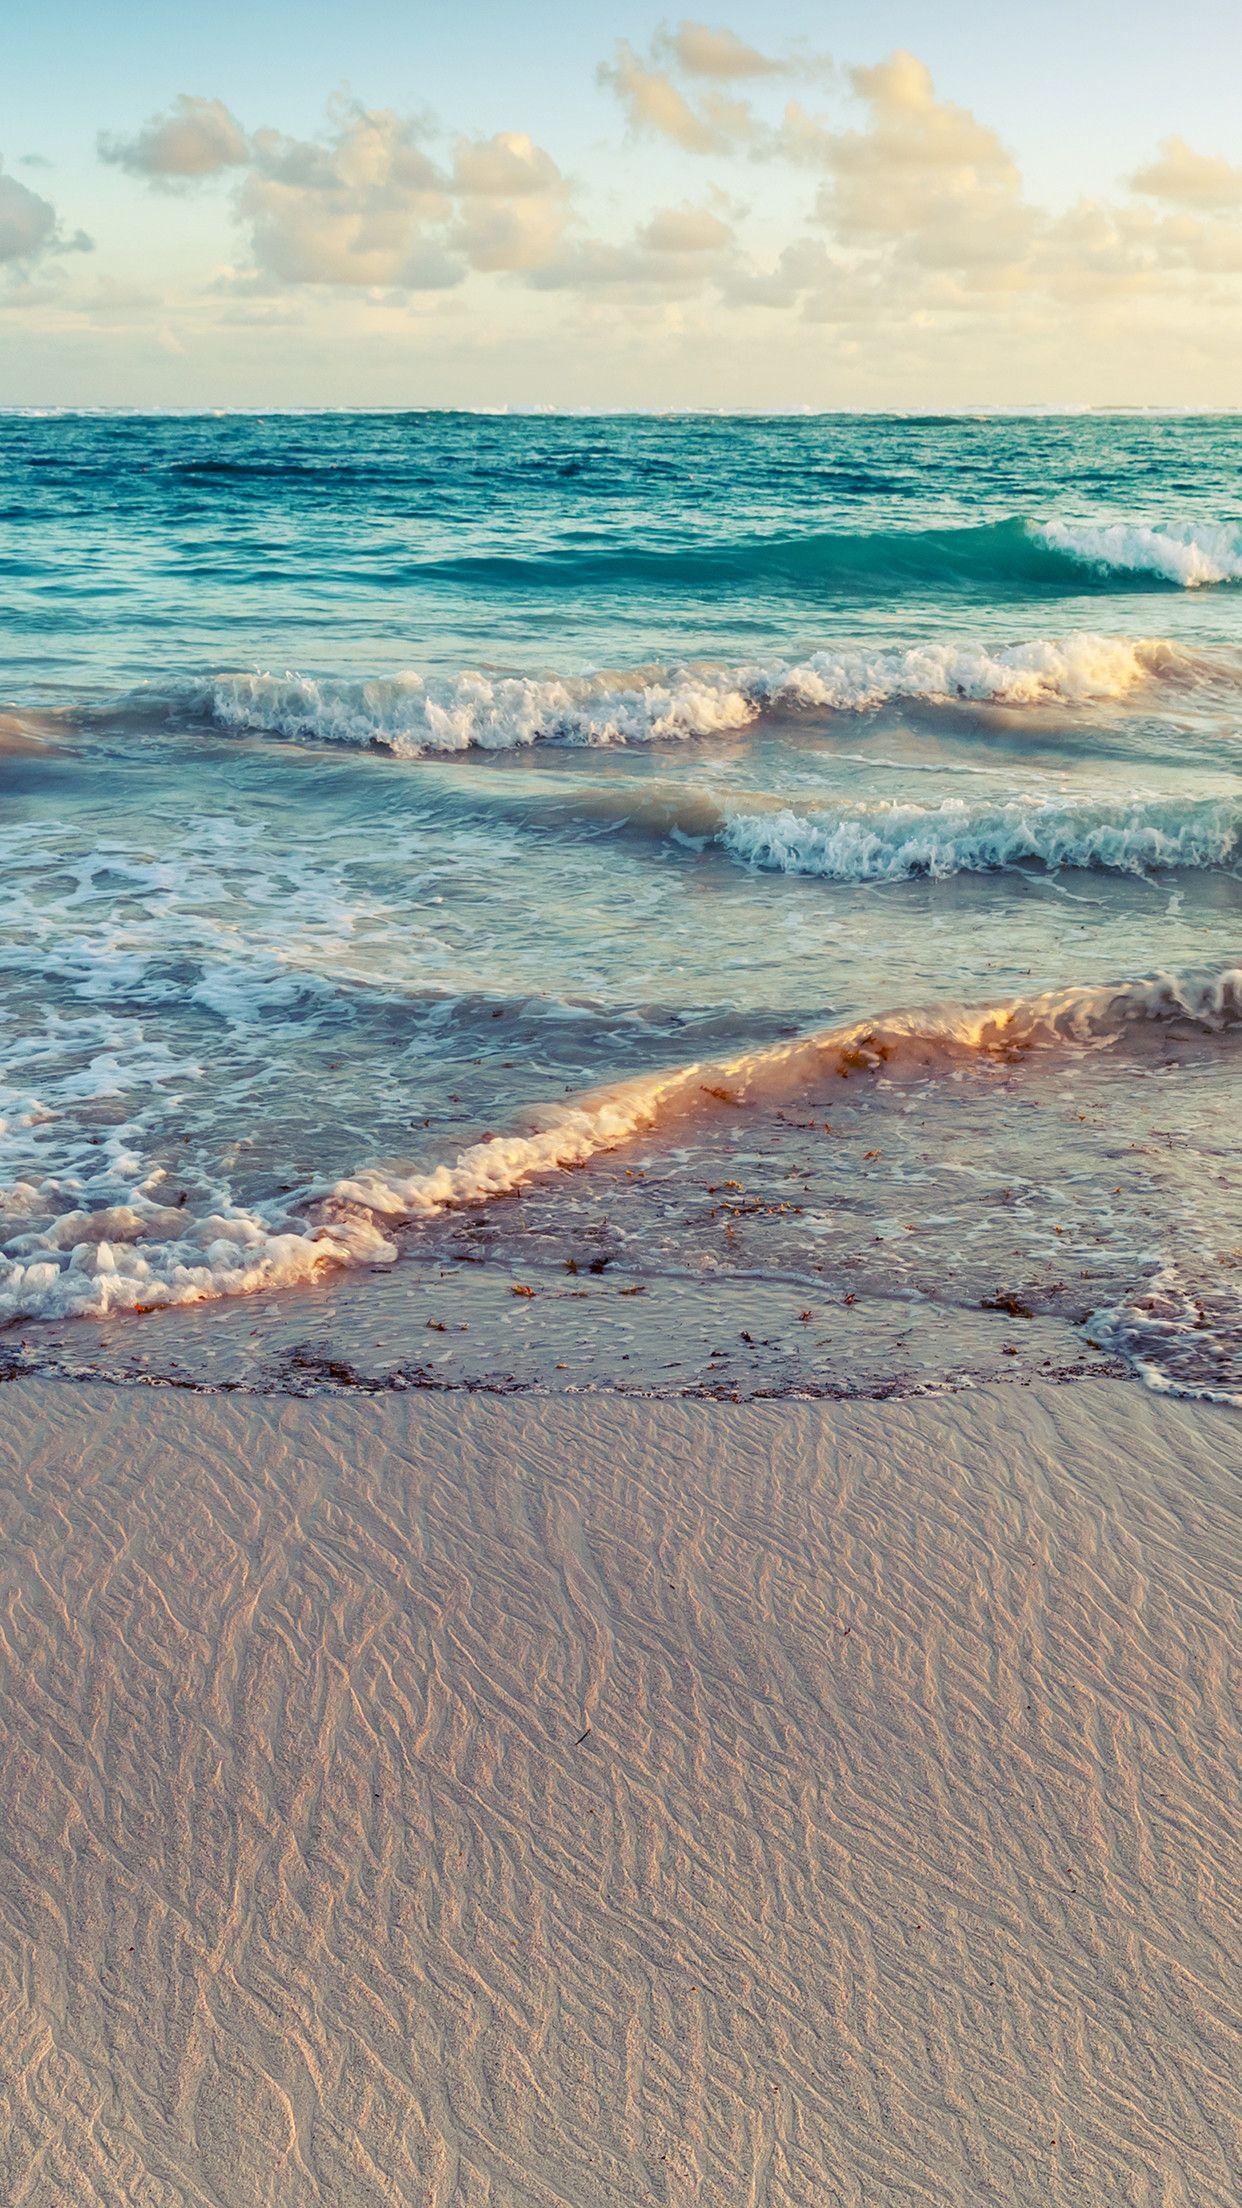 1242x2208 Coole Logos Hintergrundbilder Hintergrundbilder Handy Hintergrundbilder Iphone 6 Tapete Stra Strand Wallpaper Landschaftssteppdecken Naturbilder